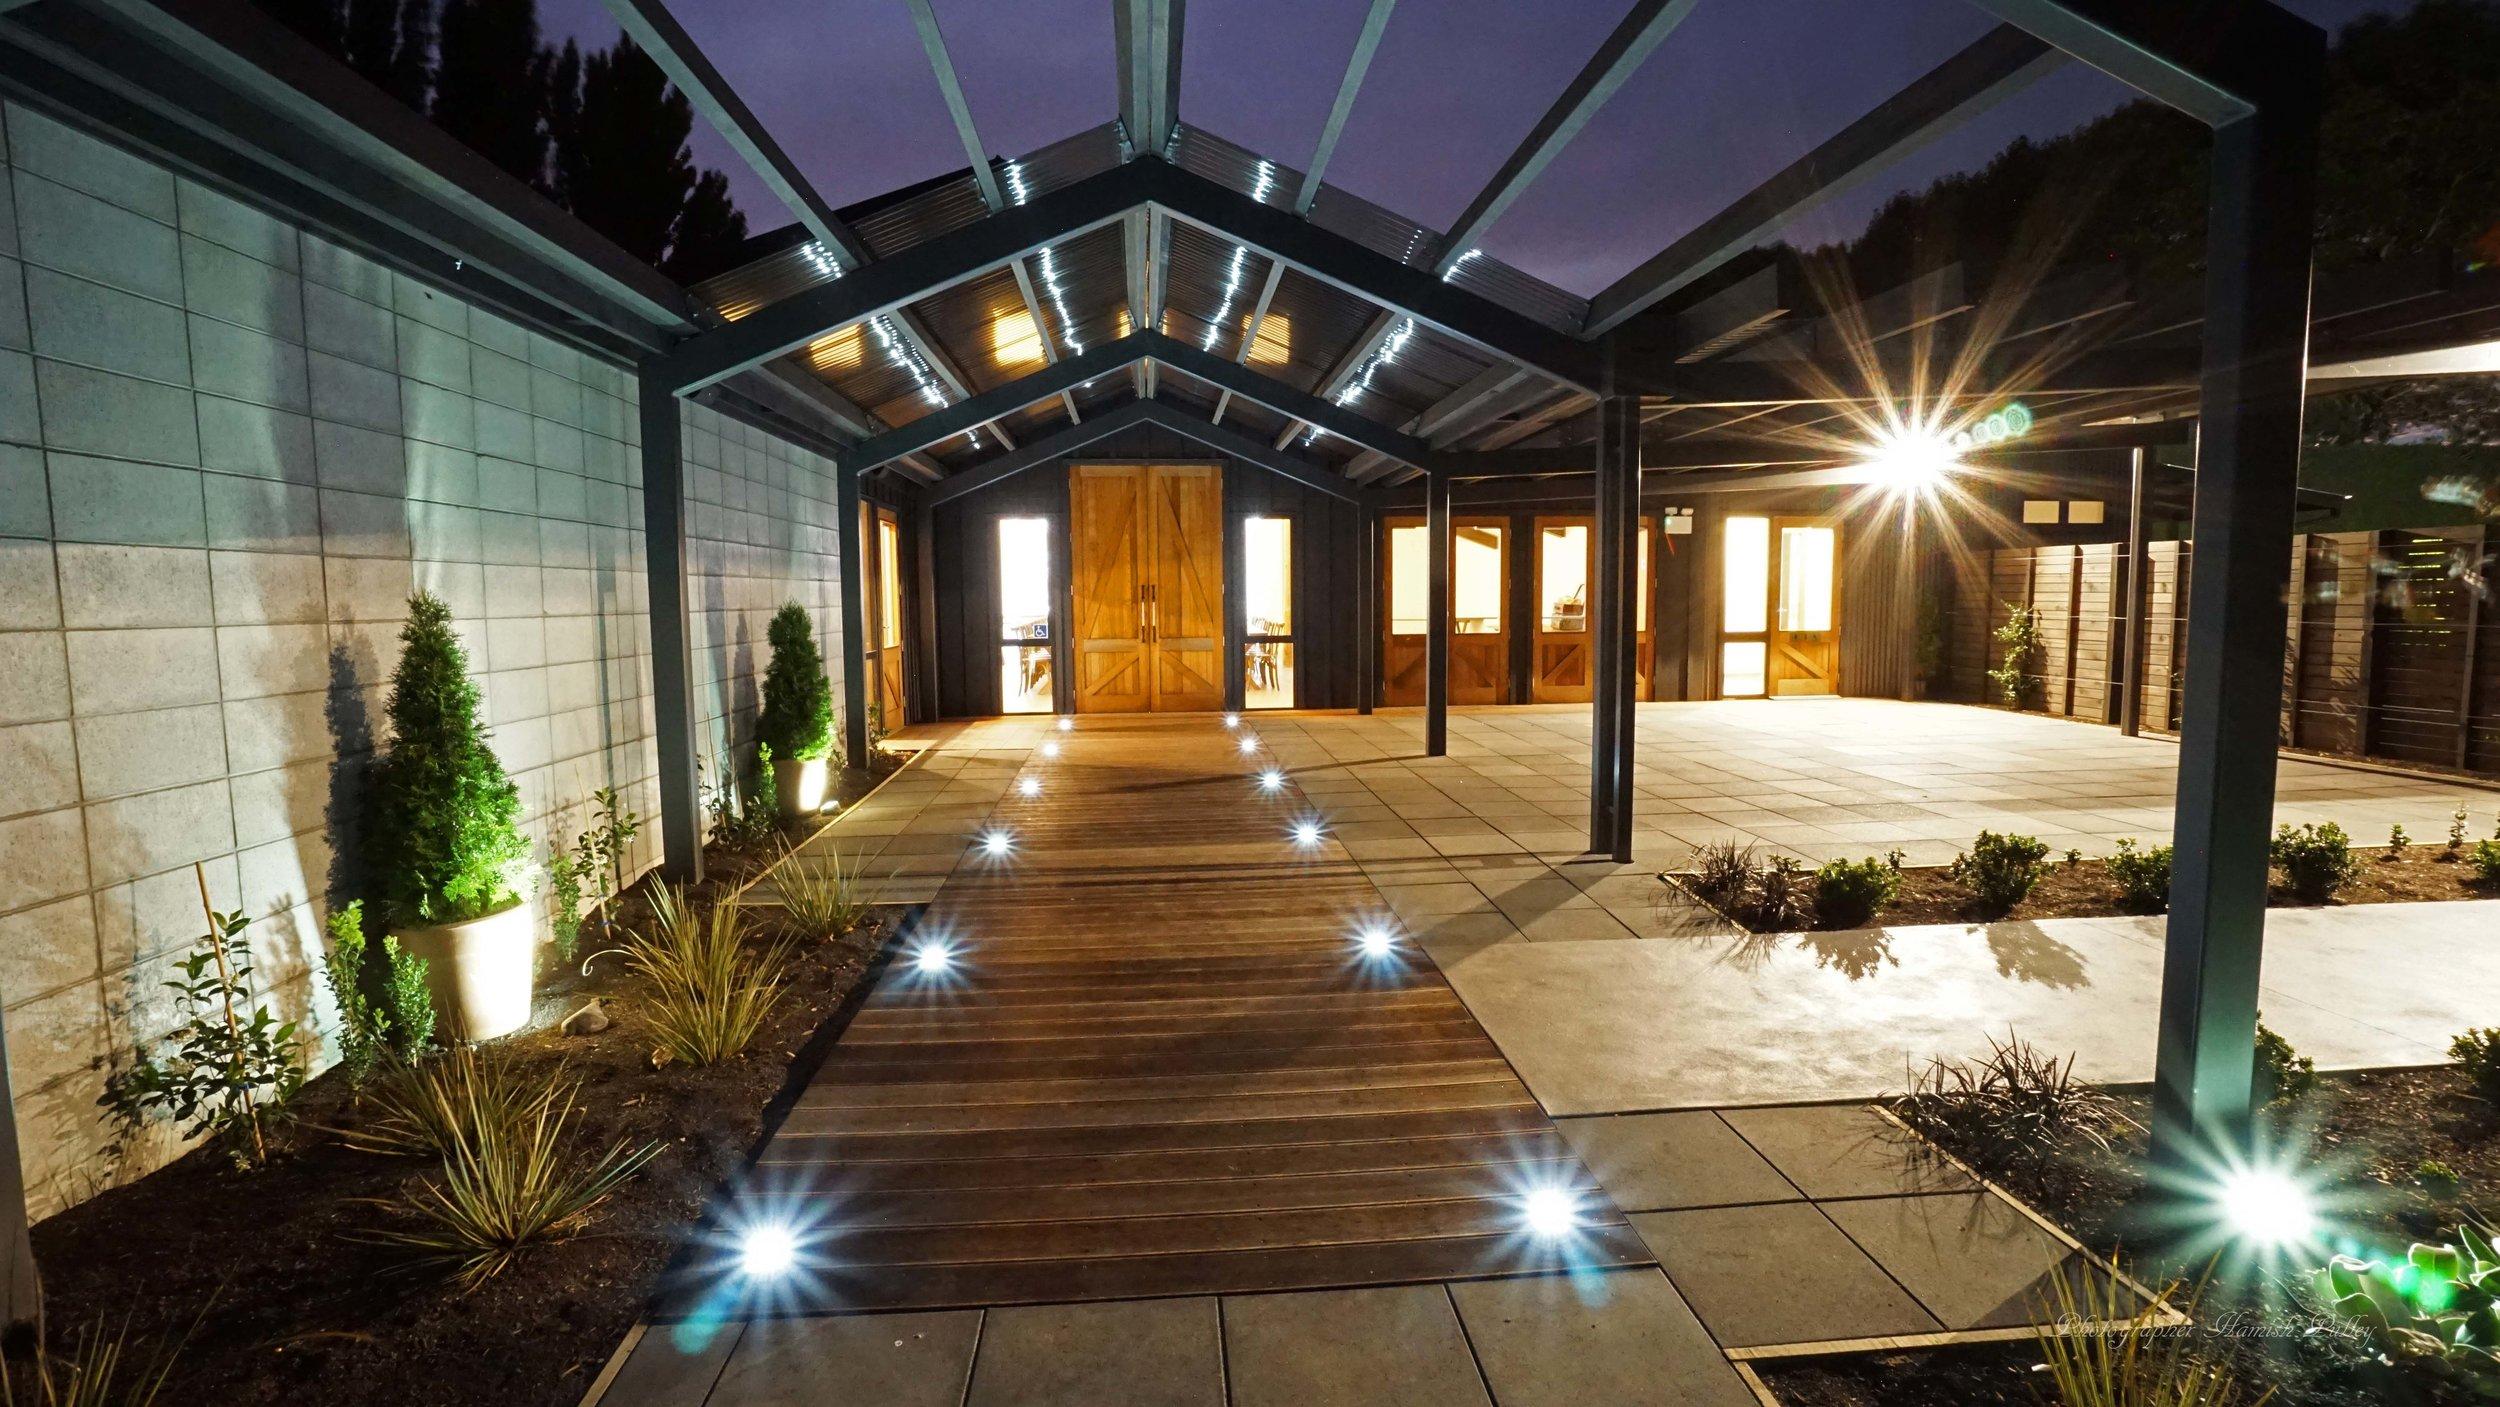 Lacebark - Twilight Entranceway